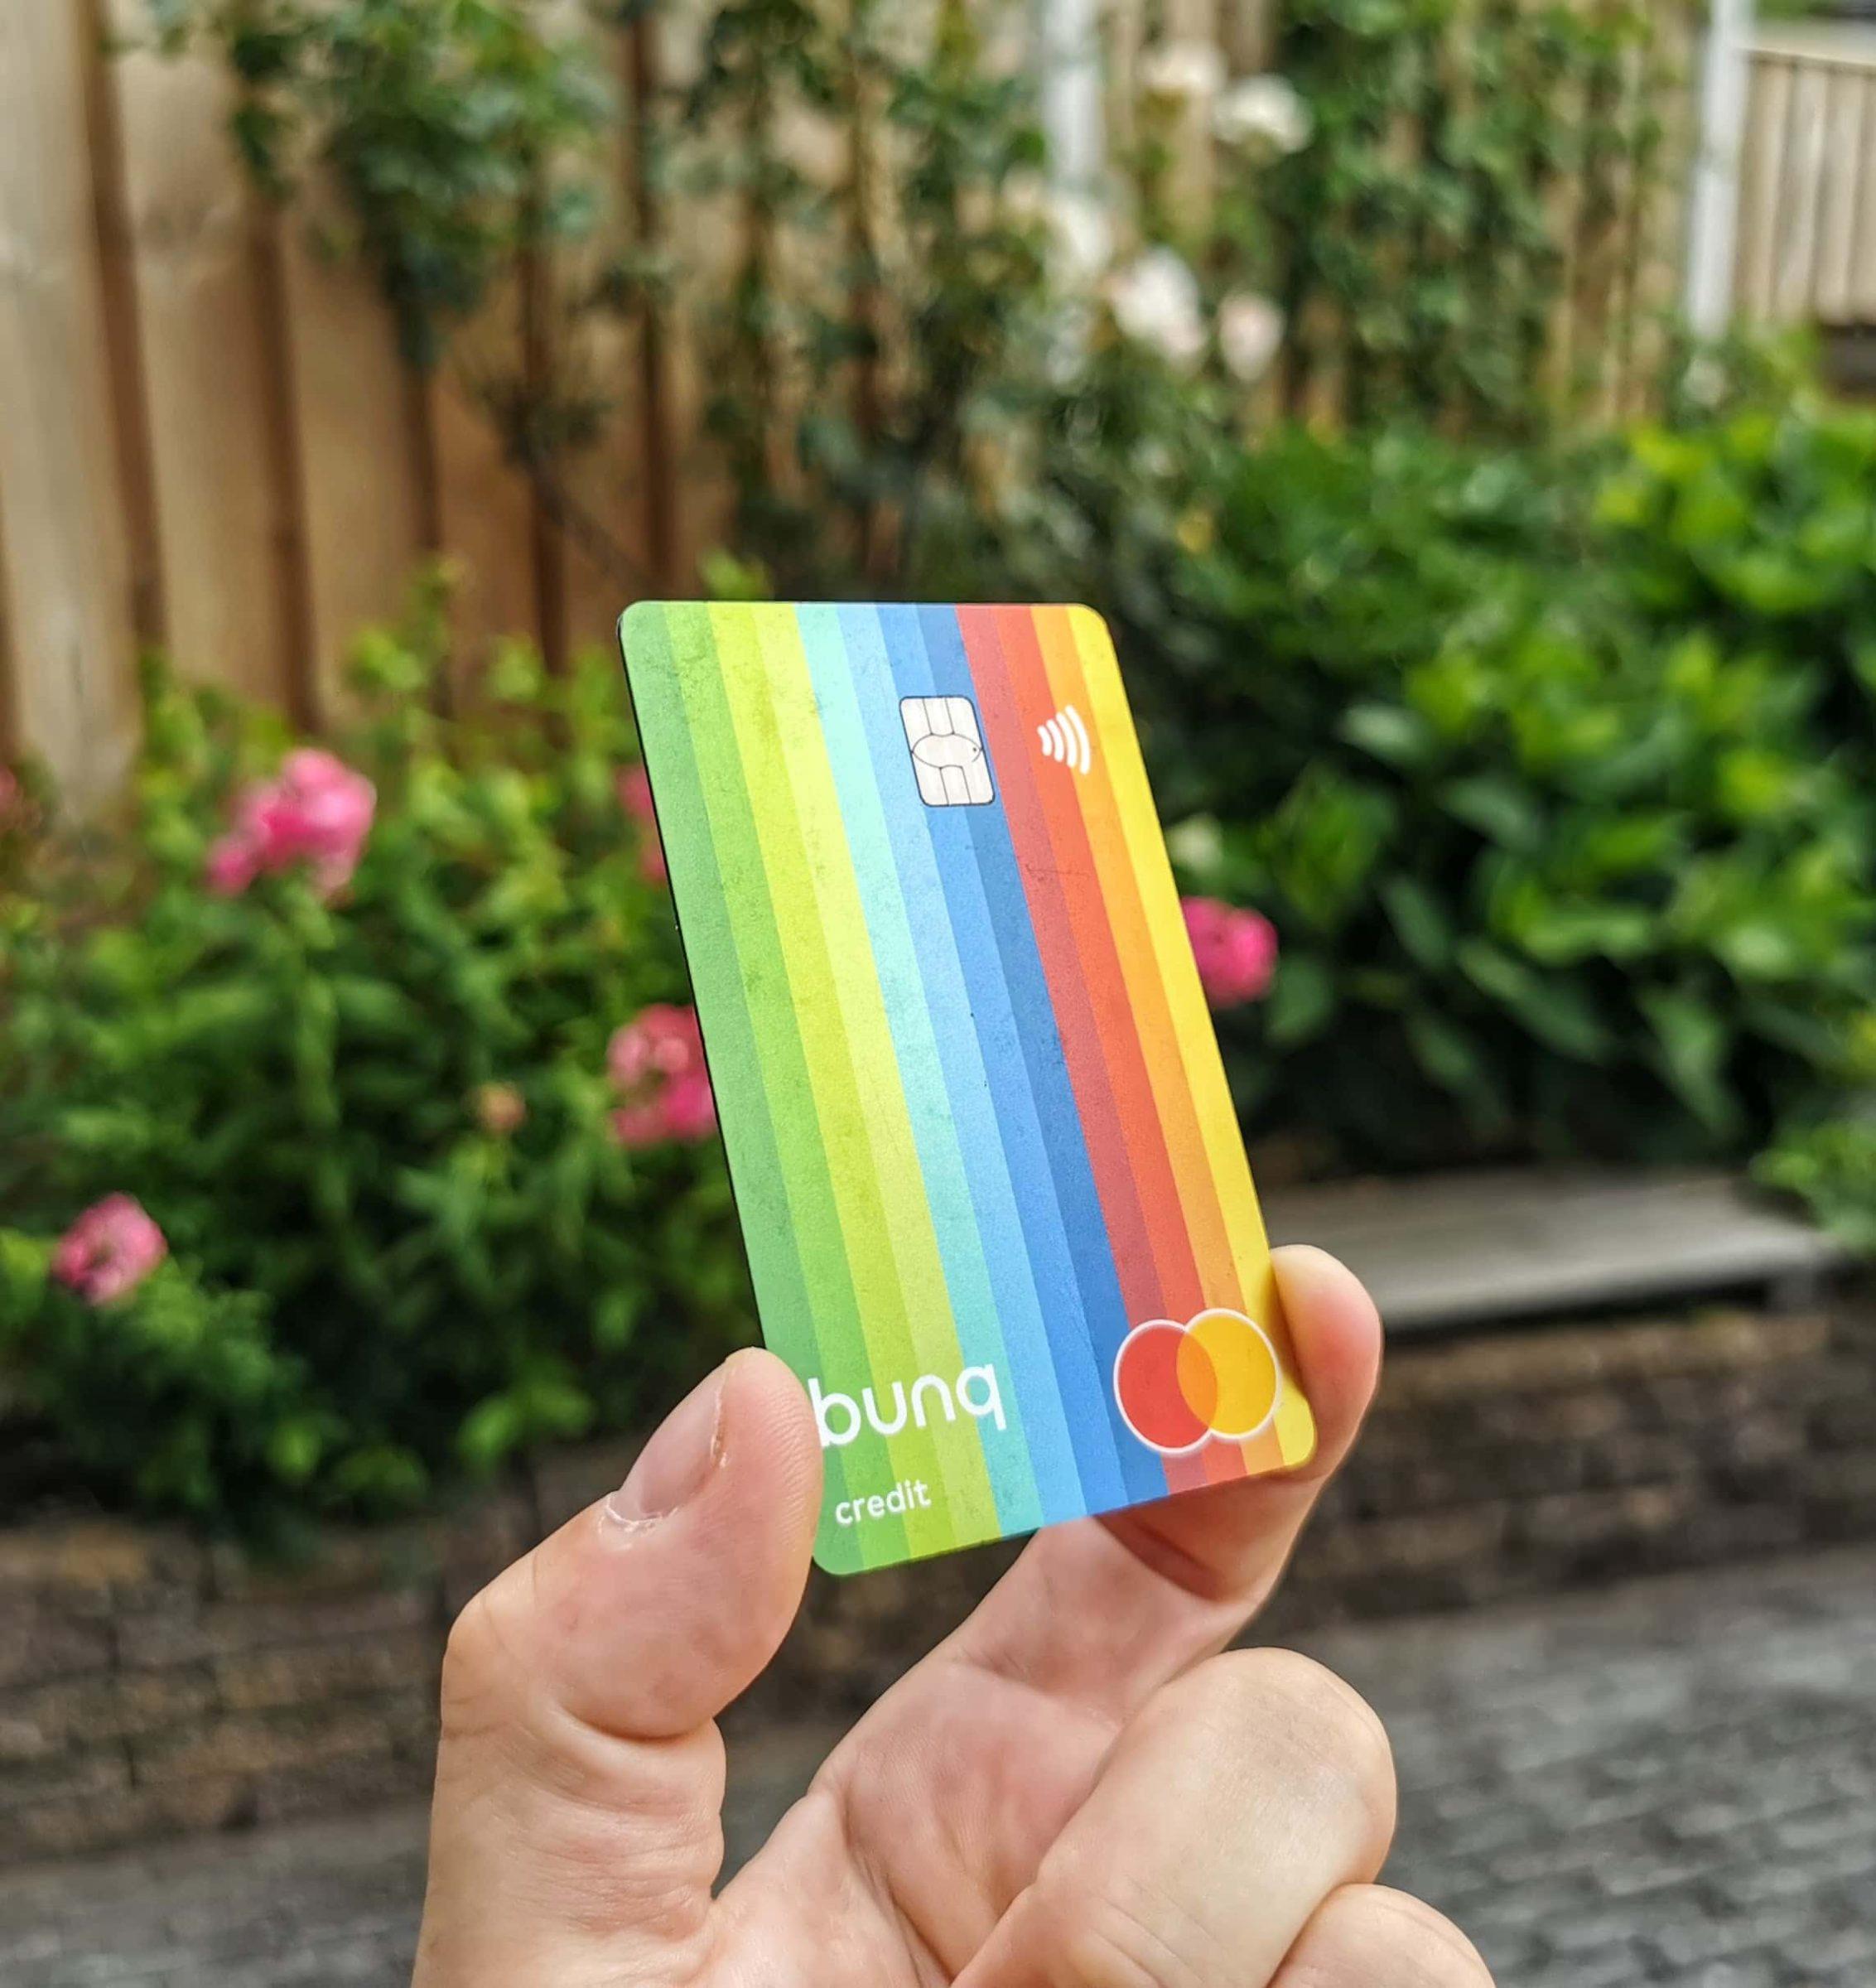 De Bunq Prepaid Creditcard (de Travel Card)